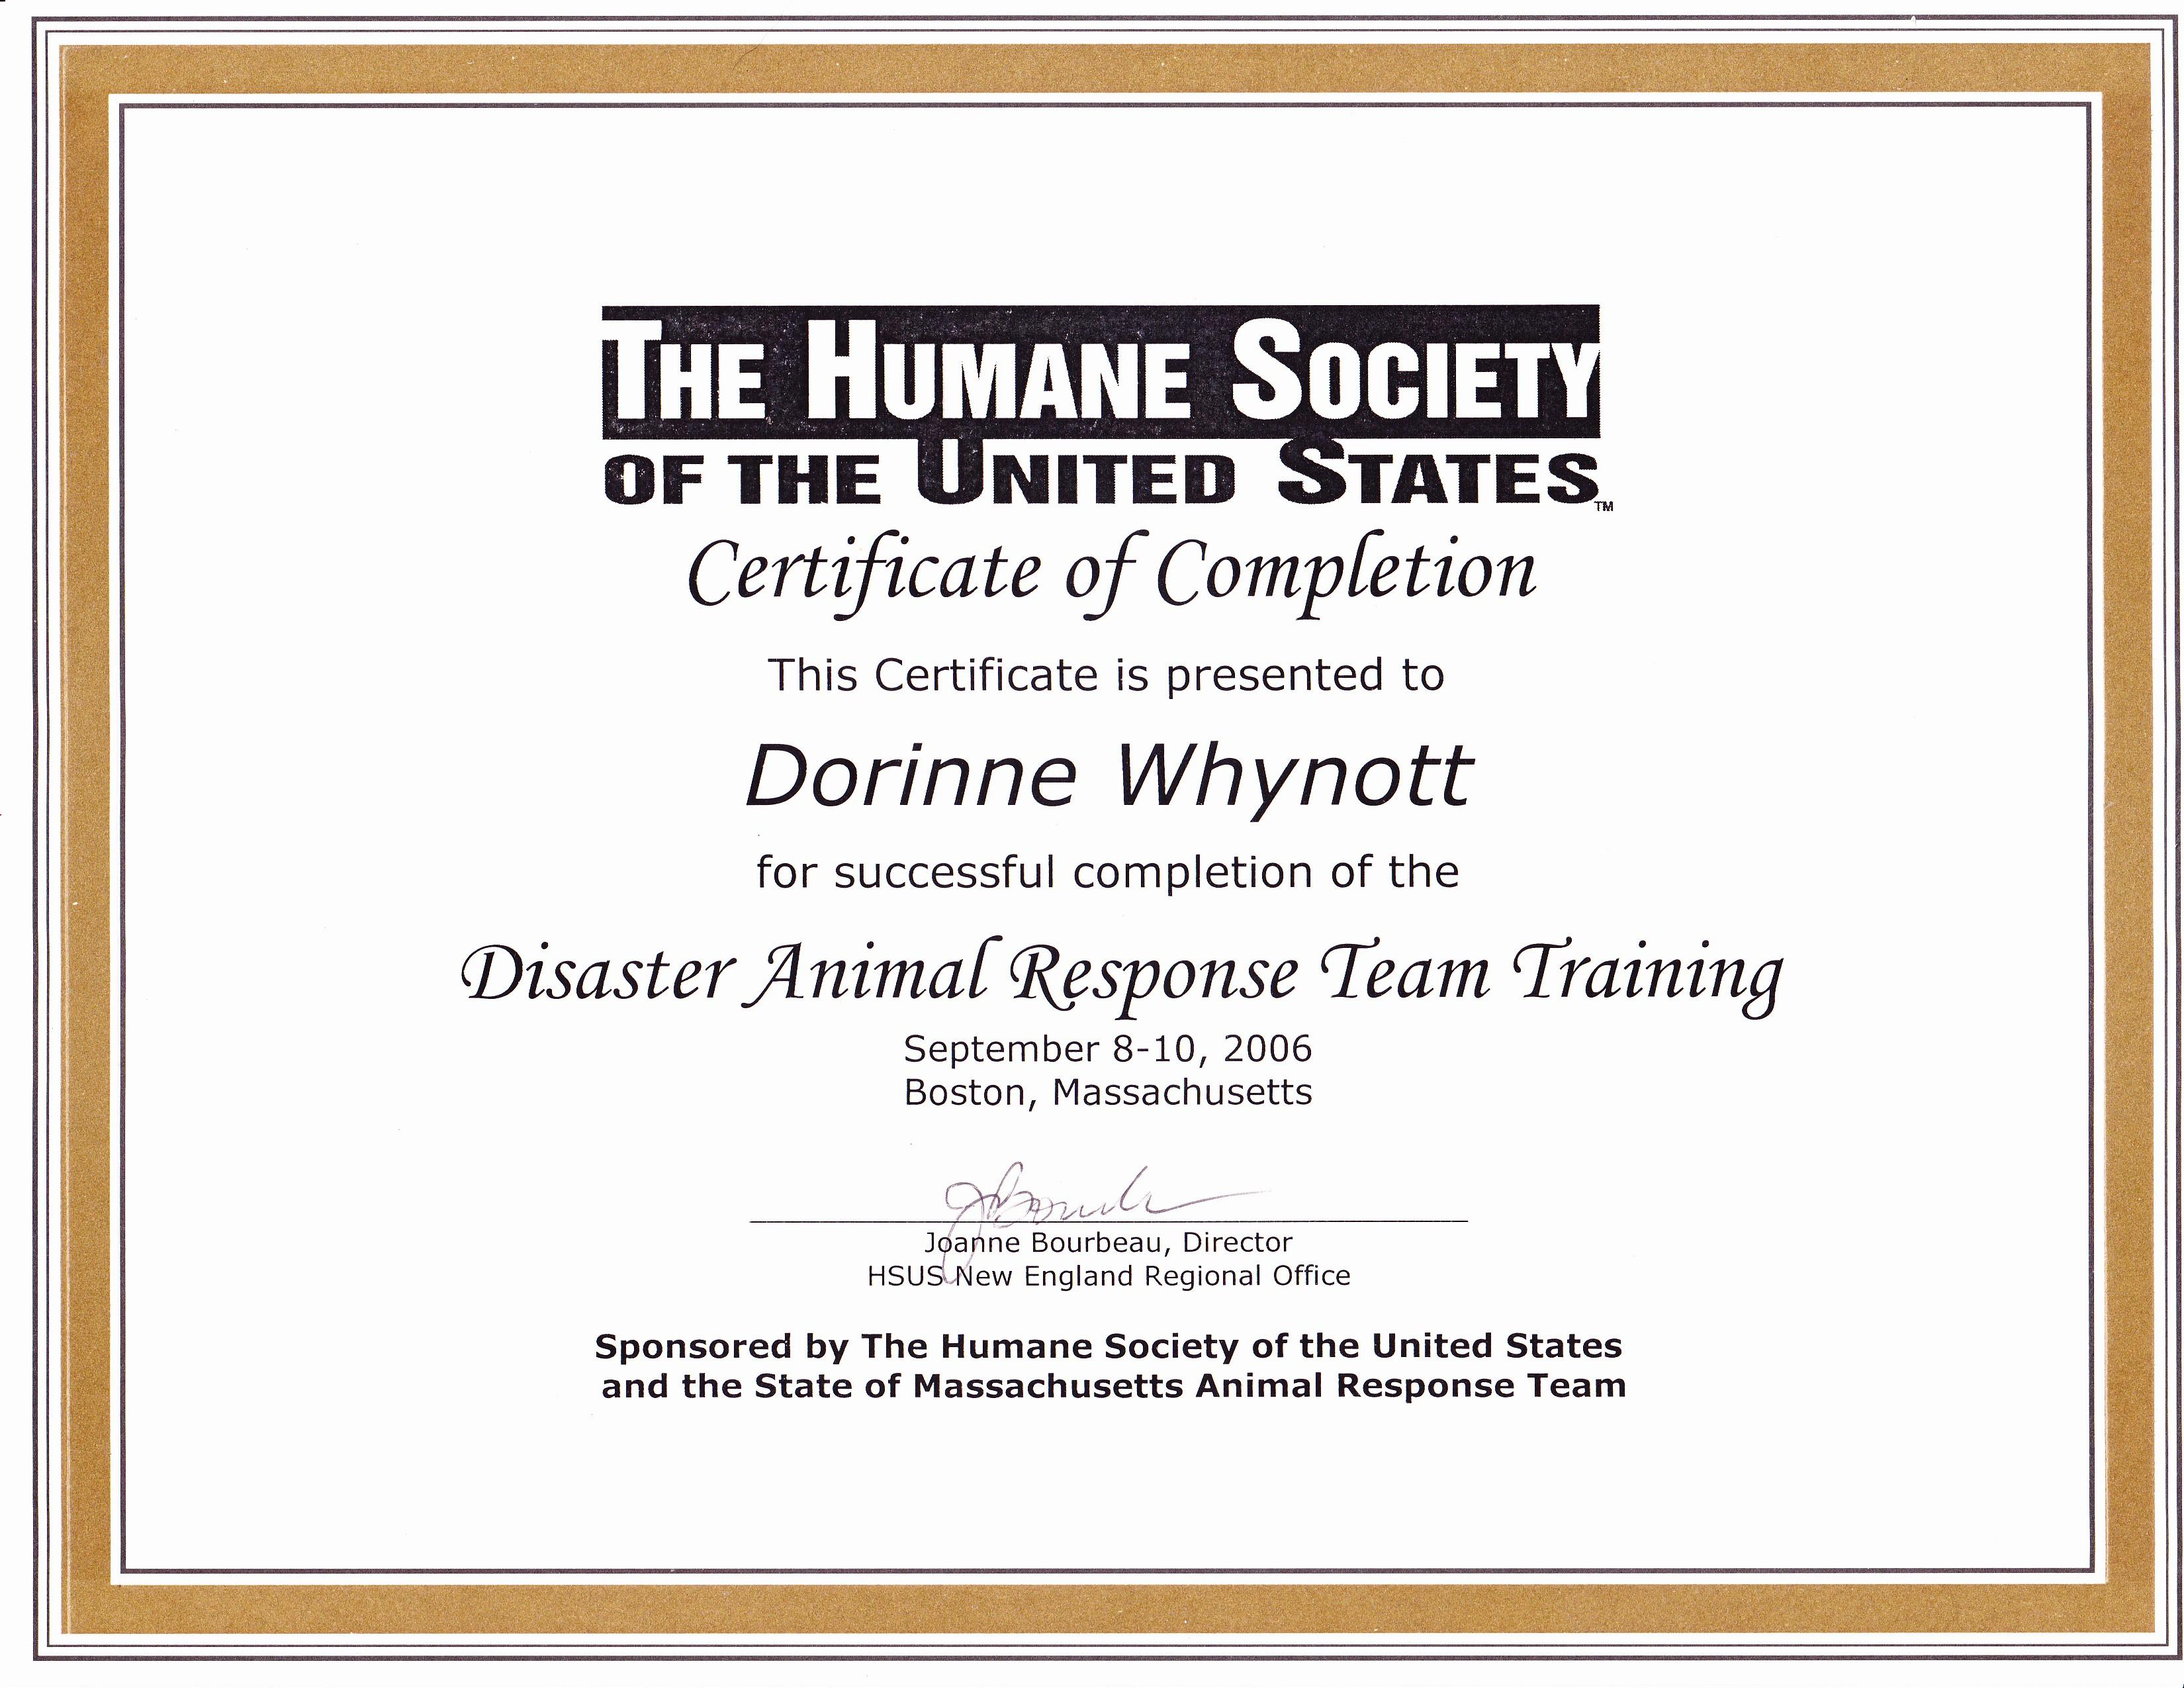 HSUS Disaster Team 2006